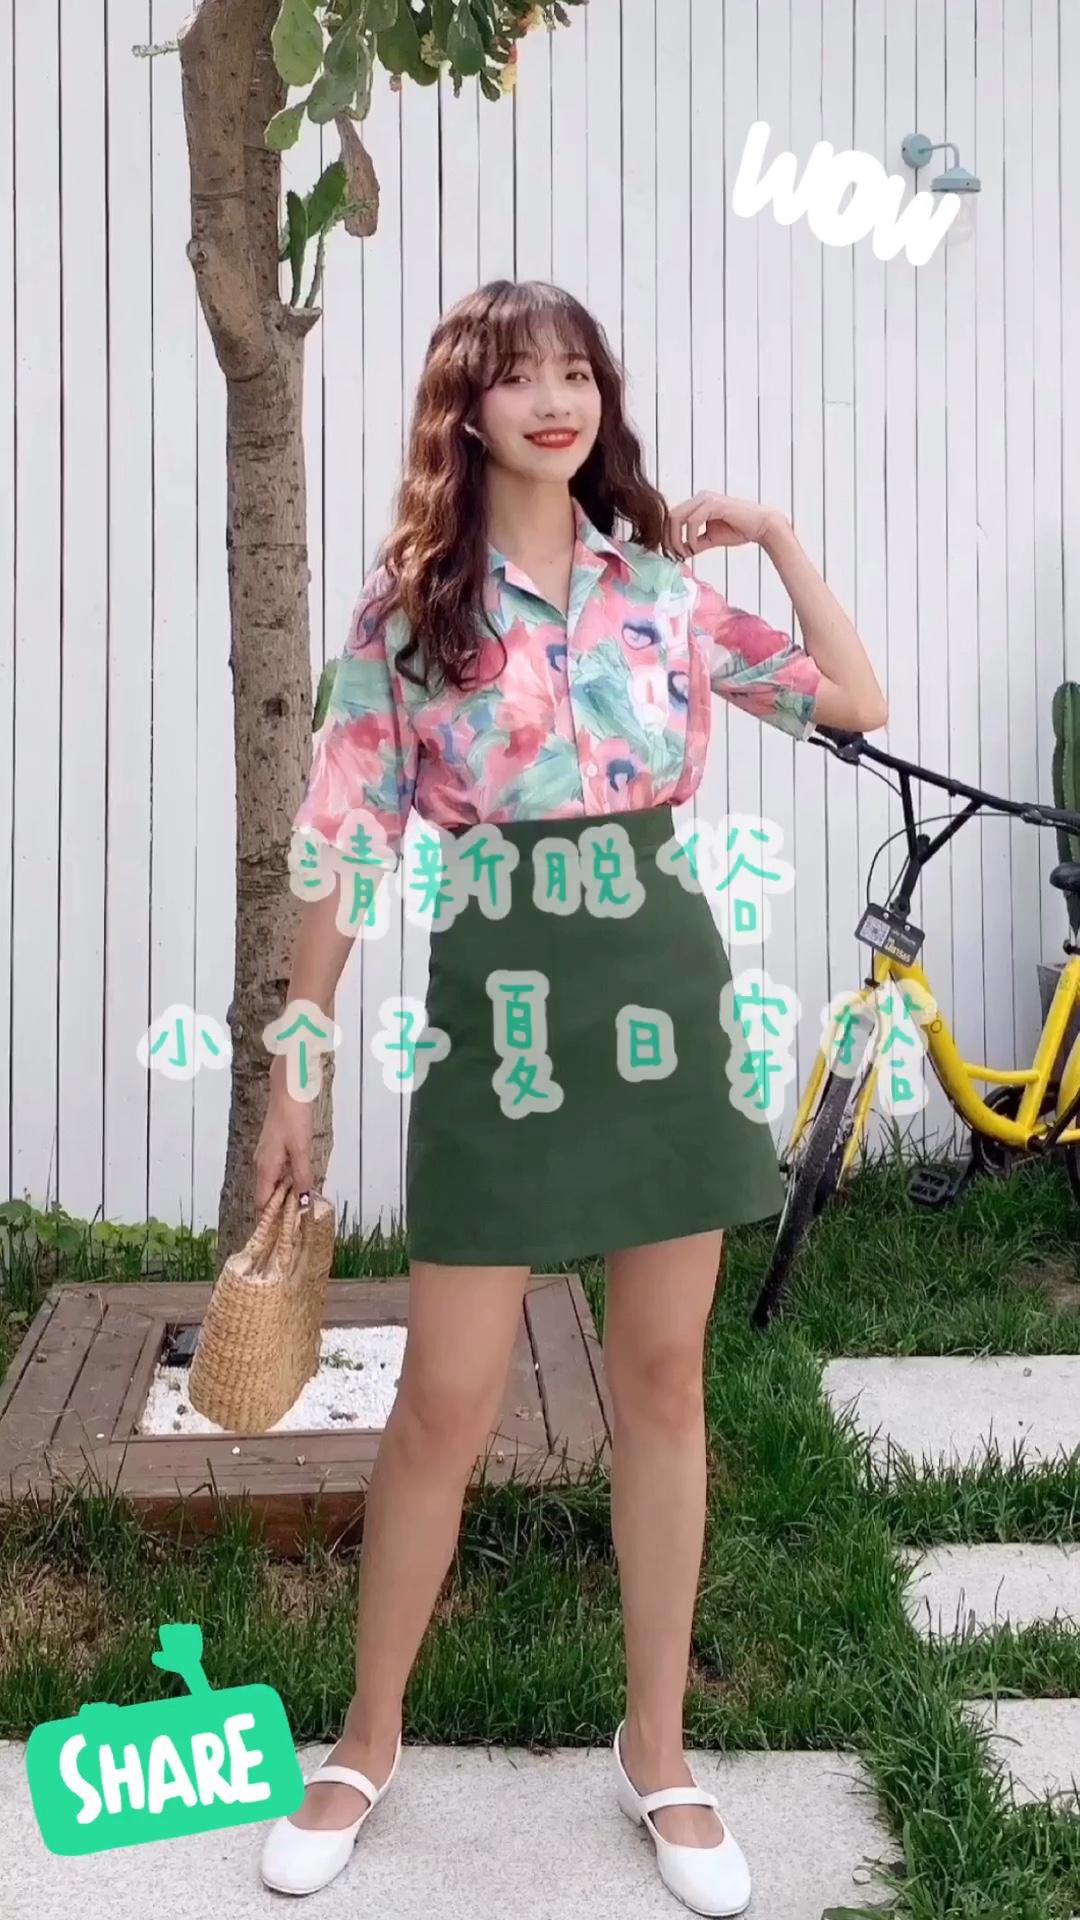 """#夏日消暑解热要靠""""绿""""# 💚❤️💚❤️可可今日look分享 花衬衣➕绿色半裙 怎么显腿长怎么穿 怎么显肤白怎么穿 这套搭配绿的炒好看! 清新自然 满满的度假风~ 衬衣面料舒适 夏天穿特清爽 炎热的夏季 让人心旷神怡😁"""